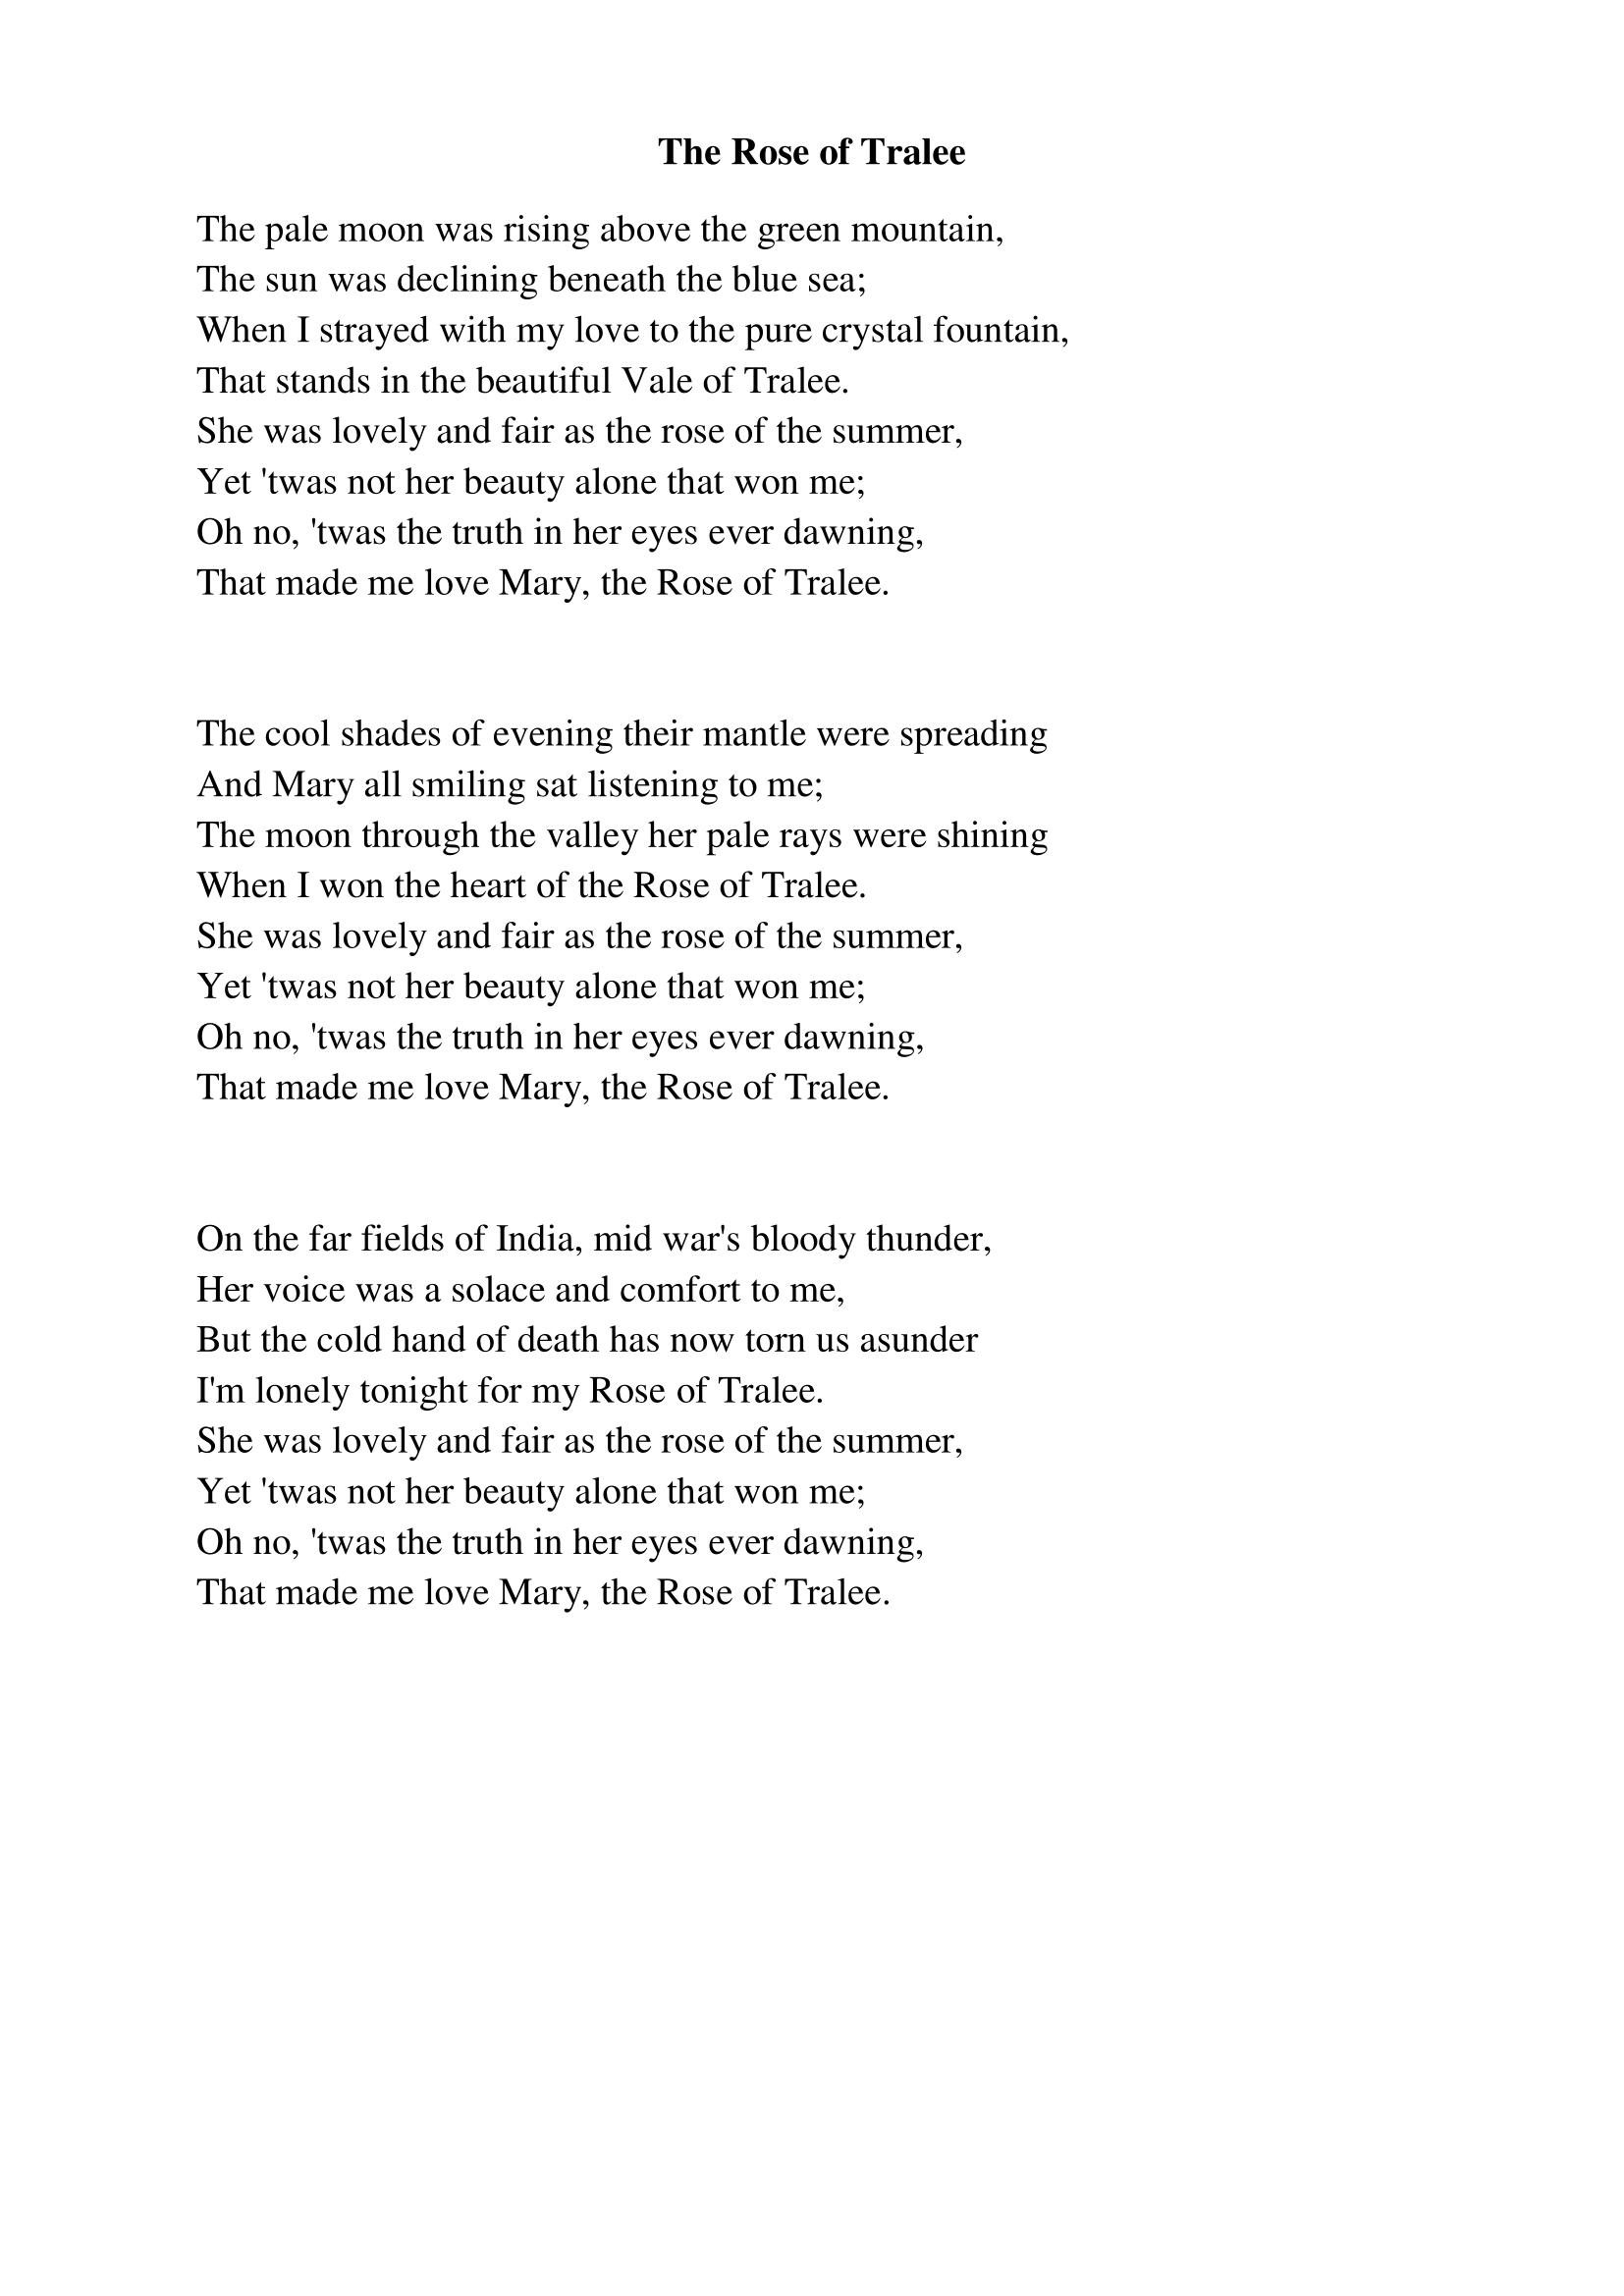 rose-of-tralee-lyrics-1